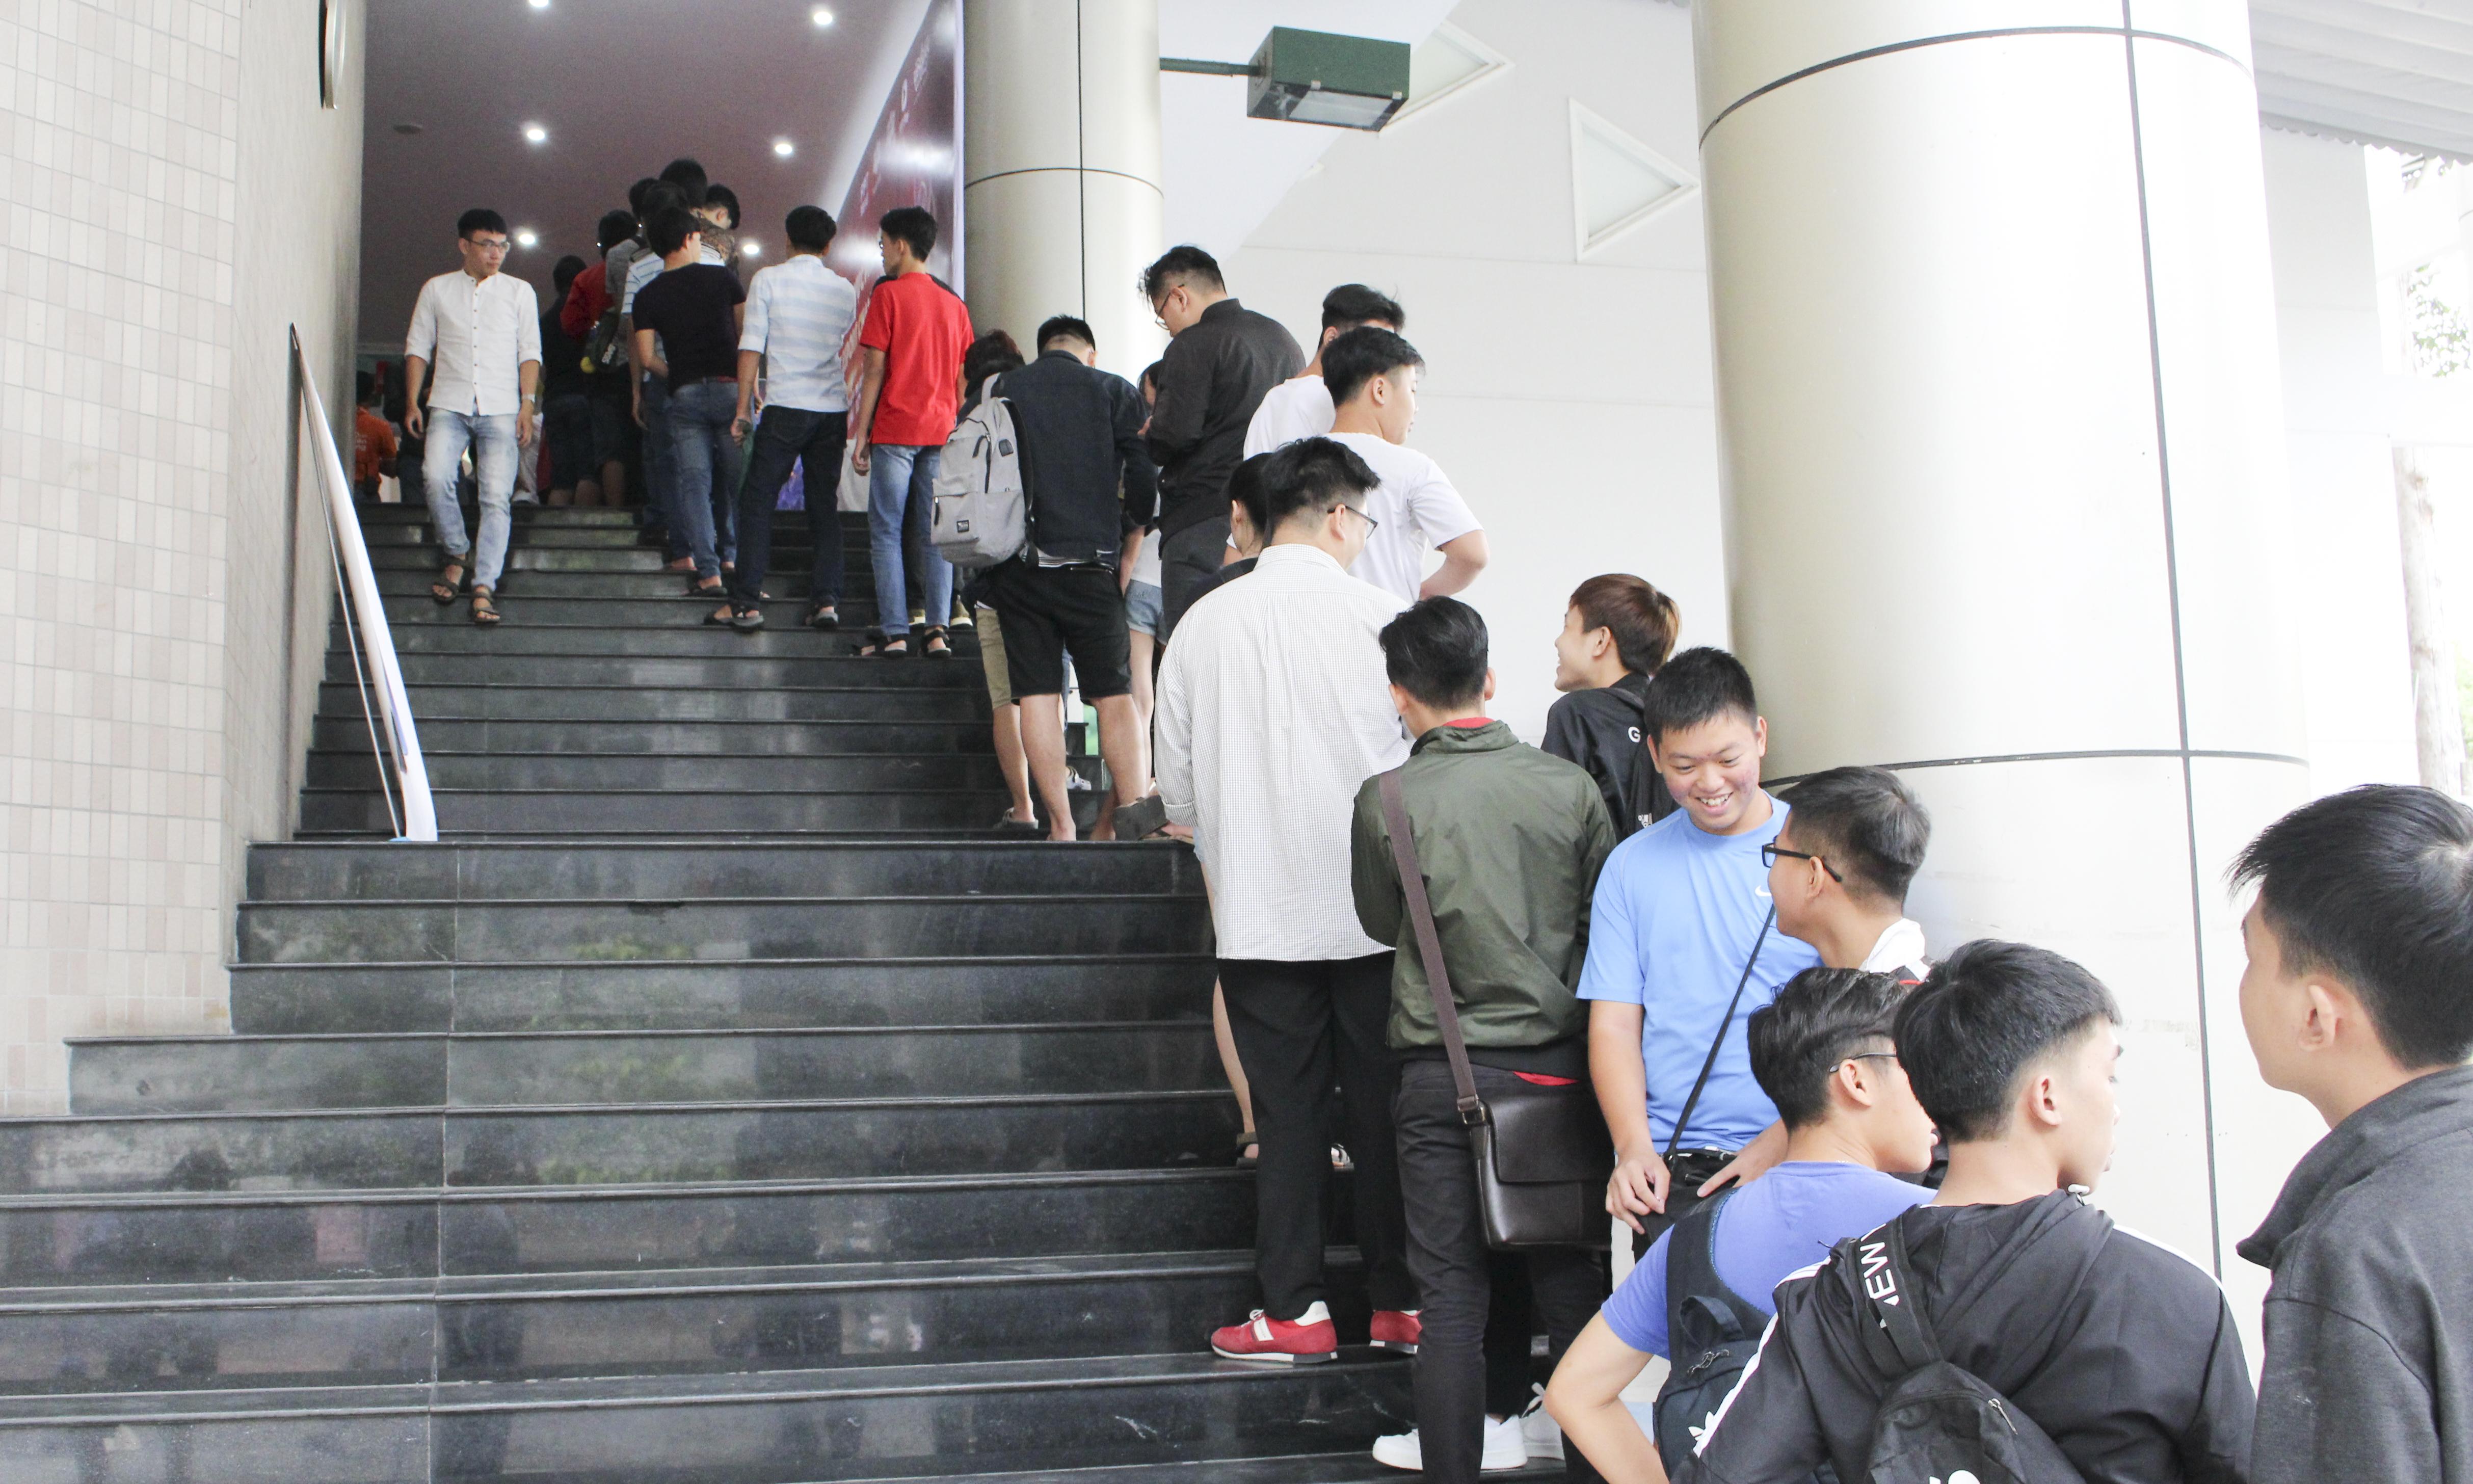 Từ 15h chiều, hàng nghìn khán giả đã xếp hàng trước nhà thi đấu Hồ Xuân Hương để chuẩn bị vào xem trận chung kết, dù đến 17h30 trấn đấu mới bắt đầu.